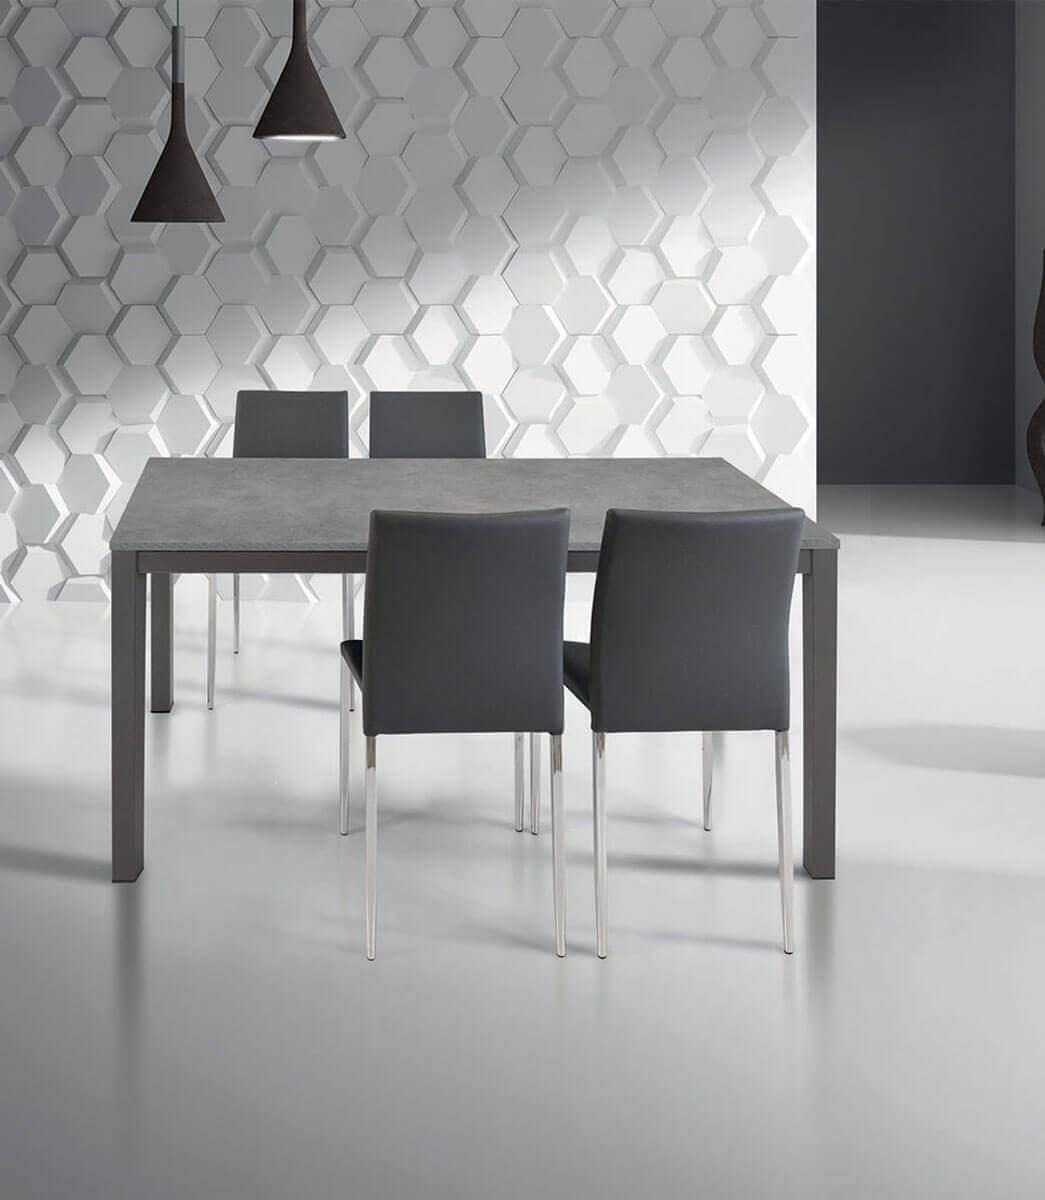 Tavolo Rettangolare Moderno.Tavolo Rettangolare Allungabile Grigio Moderno Varie Misure Spazio Casa